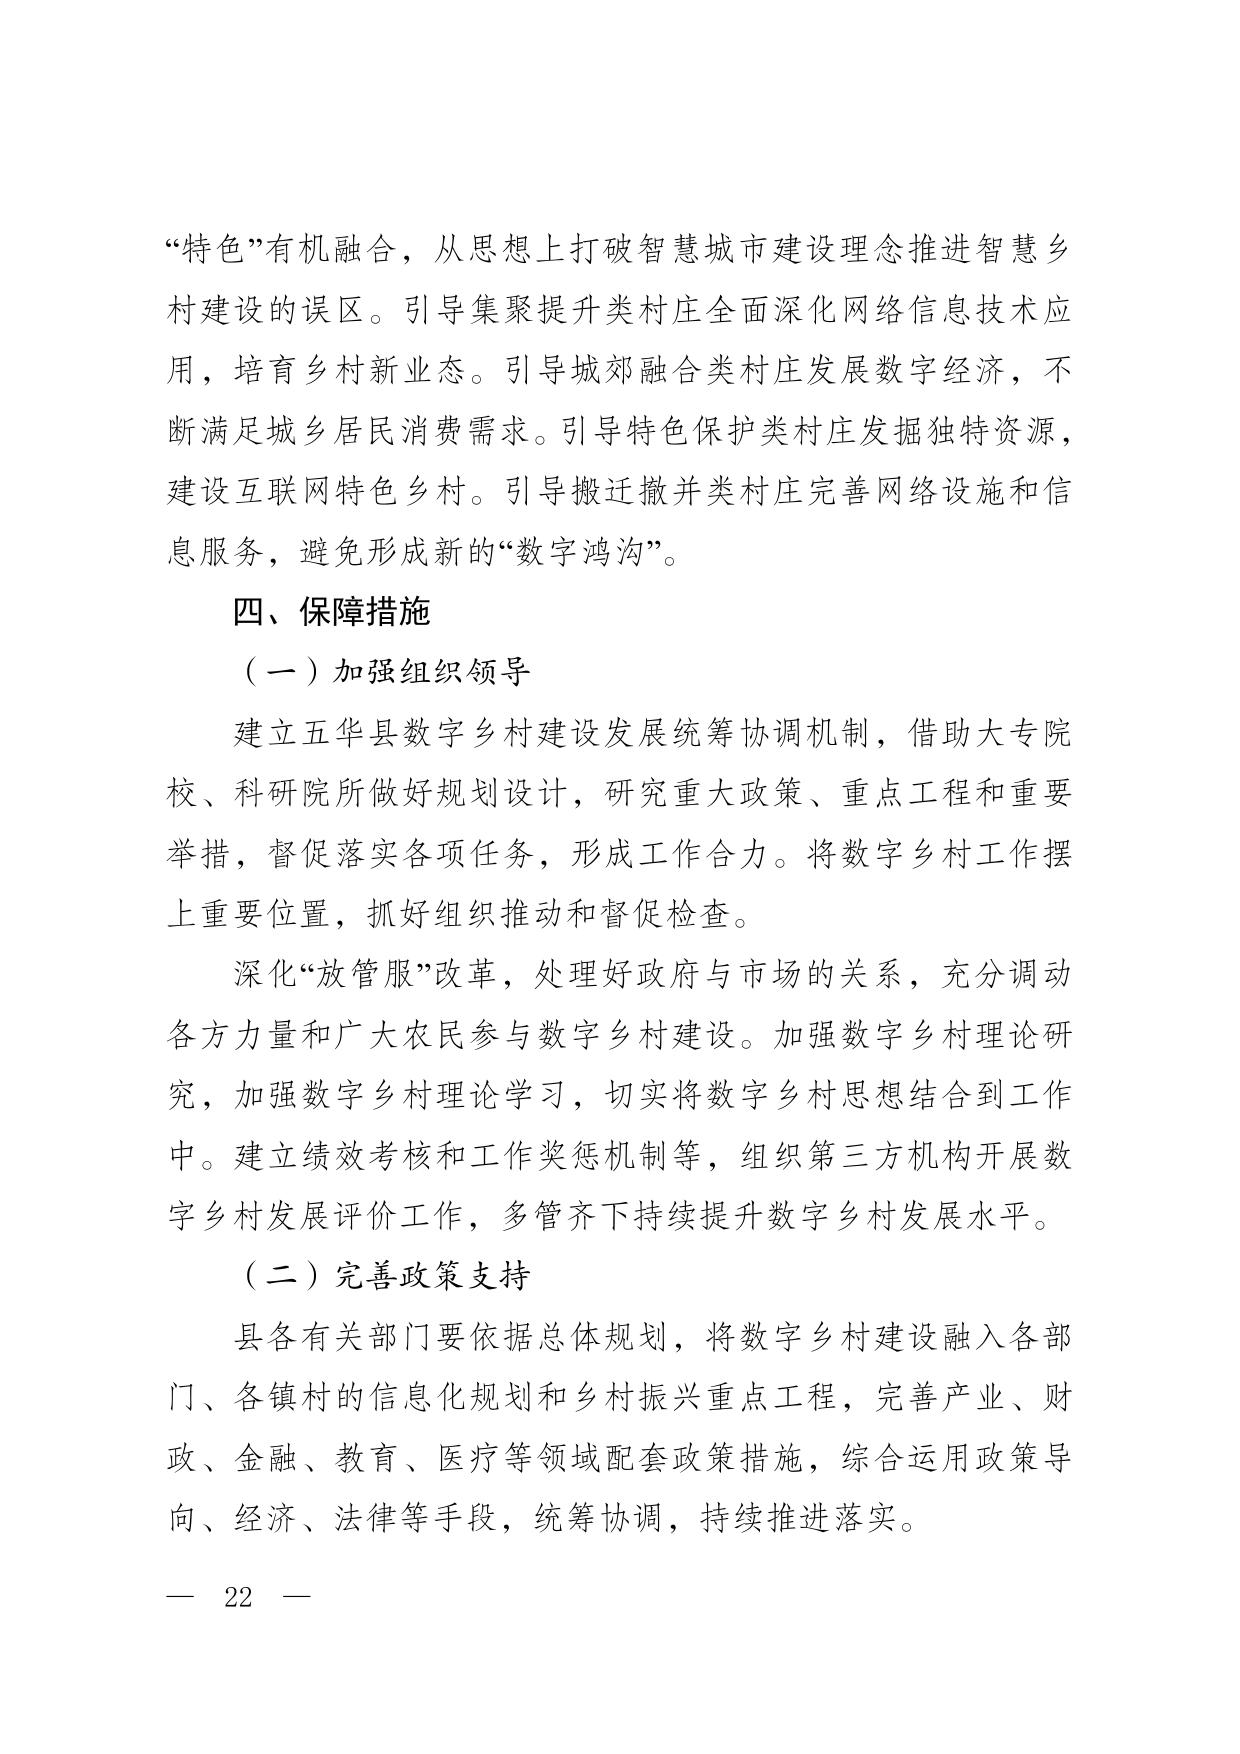 华办函〔2020〕5号关于印发《五华县数字乡村发展总体规划(2020—2025年)》的通知0021.jpg